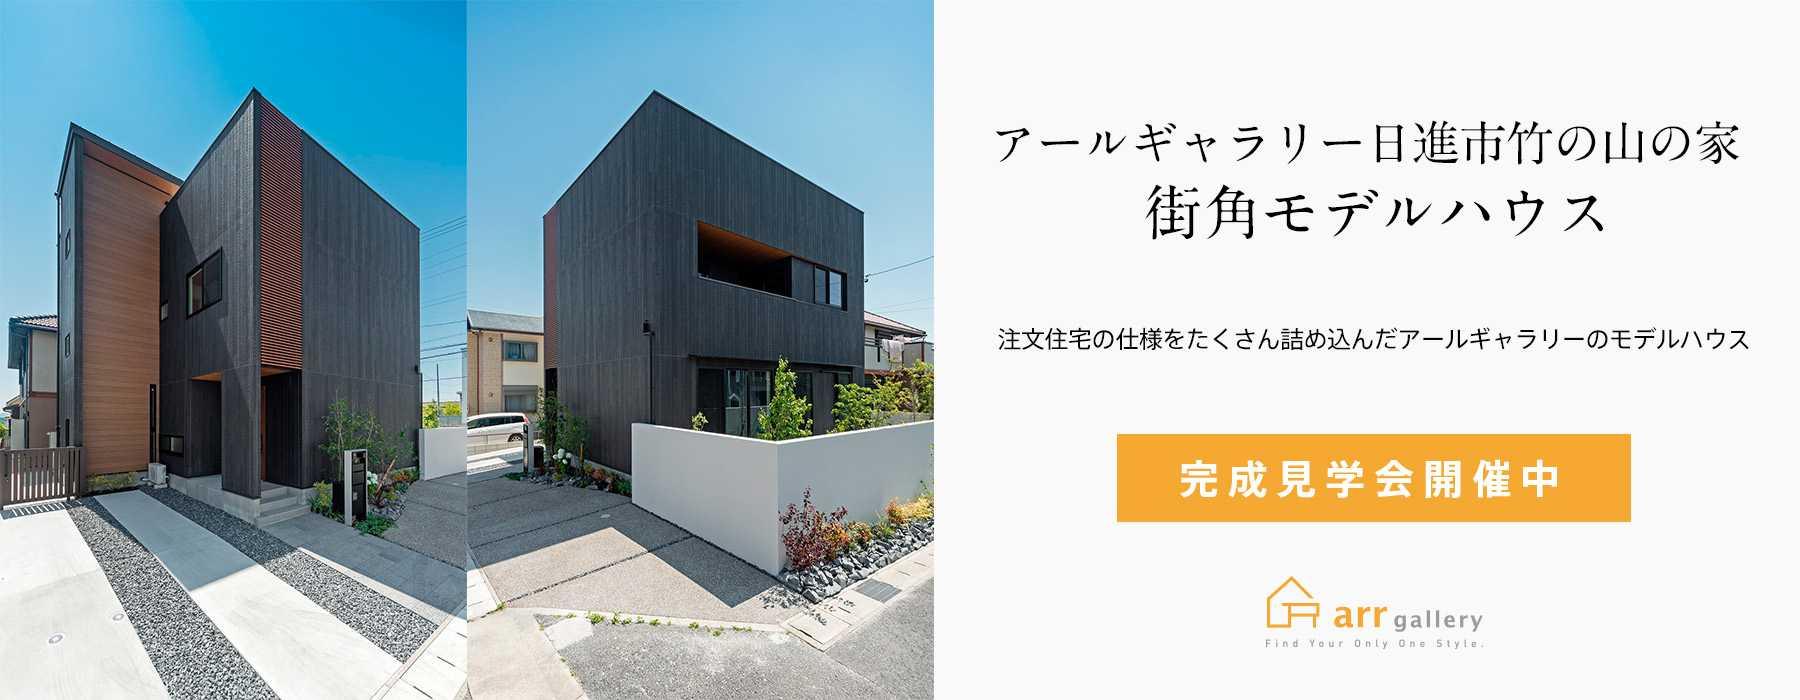 アールギャラリー日進市竹の山の家 街角モデルハウス